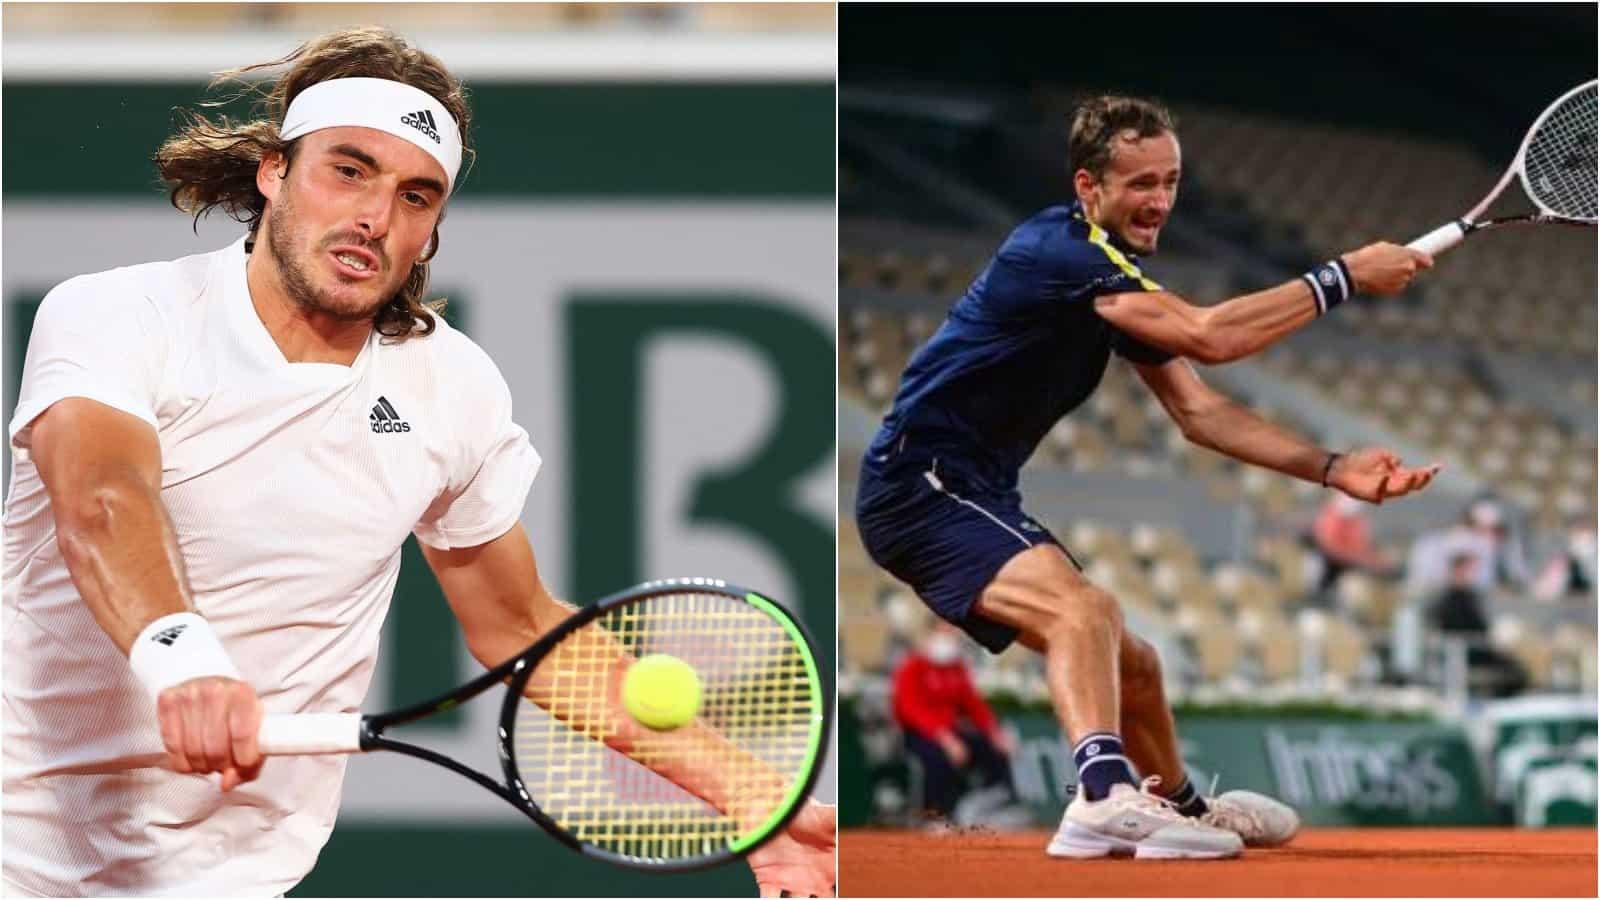 Lịch thi đấu Roland Garros hôm nay. Trực tiếp Tsitsipas vs Medvedev. TTTV, TTTV HD